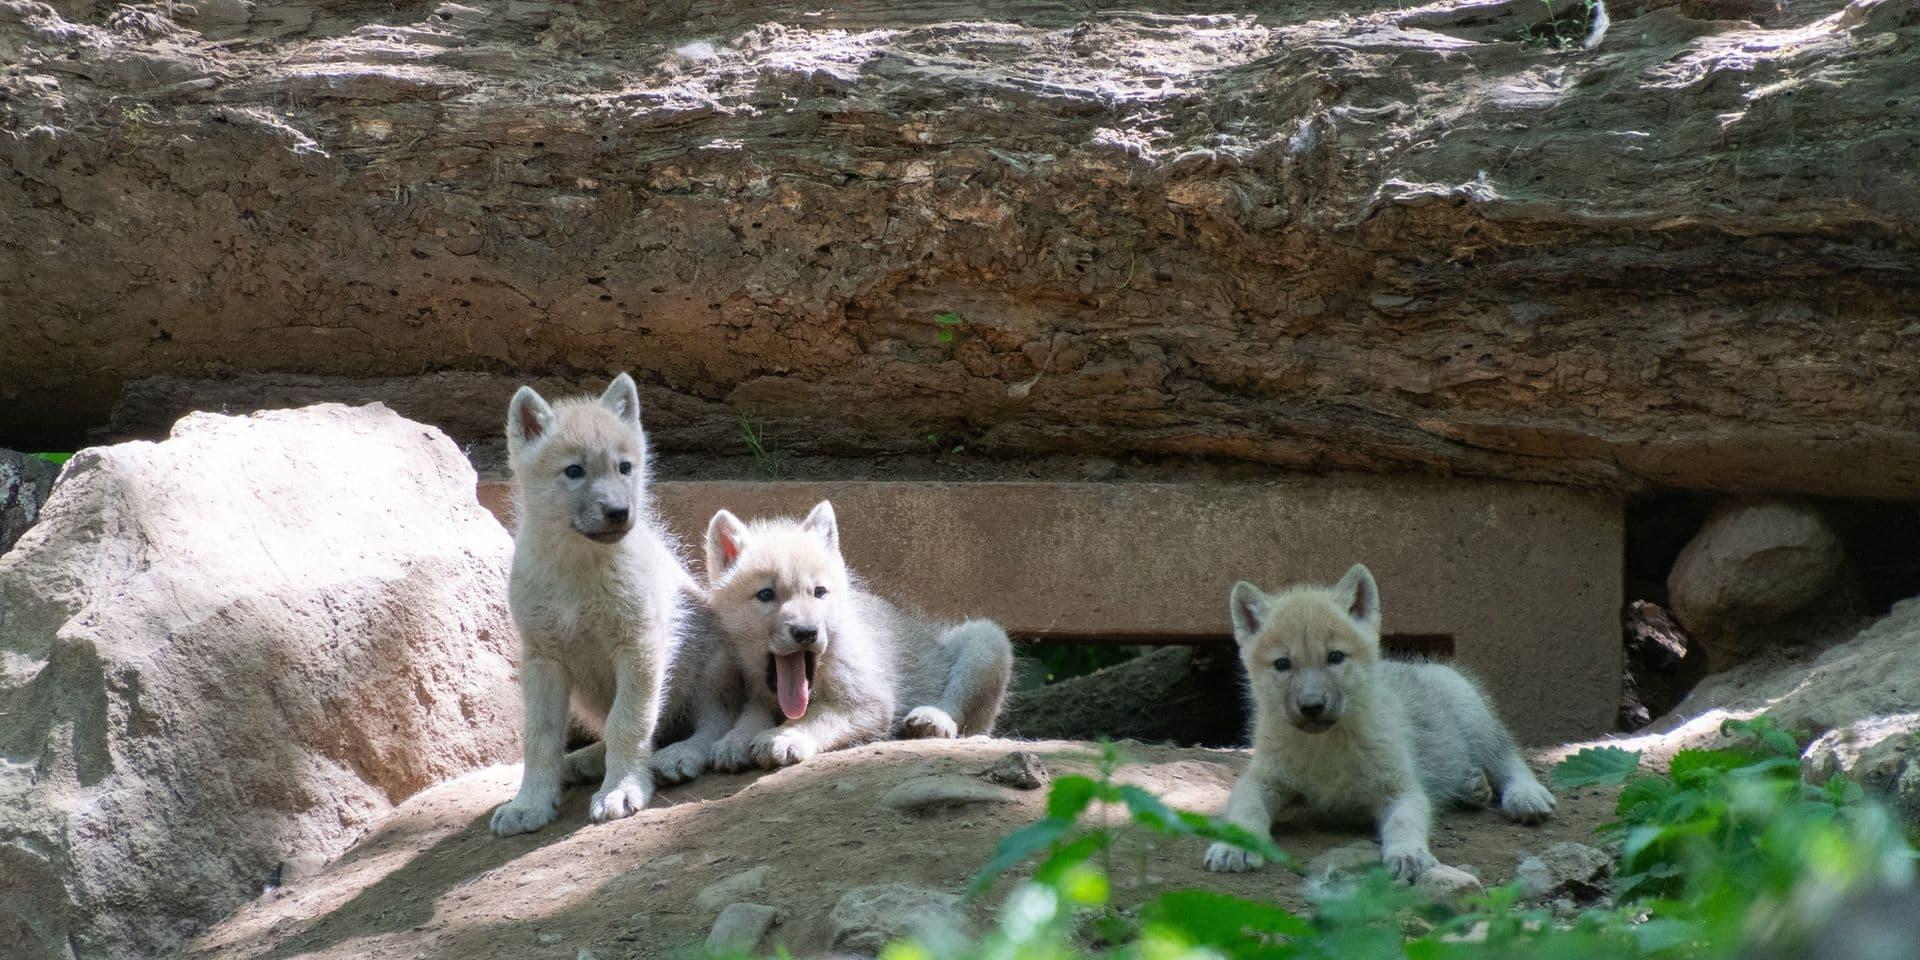 Des quintuplés au Parc Animalier de Han-sur-Lesse : cinq louveteaux arctiques viennent de naître